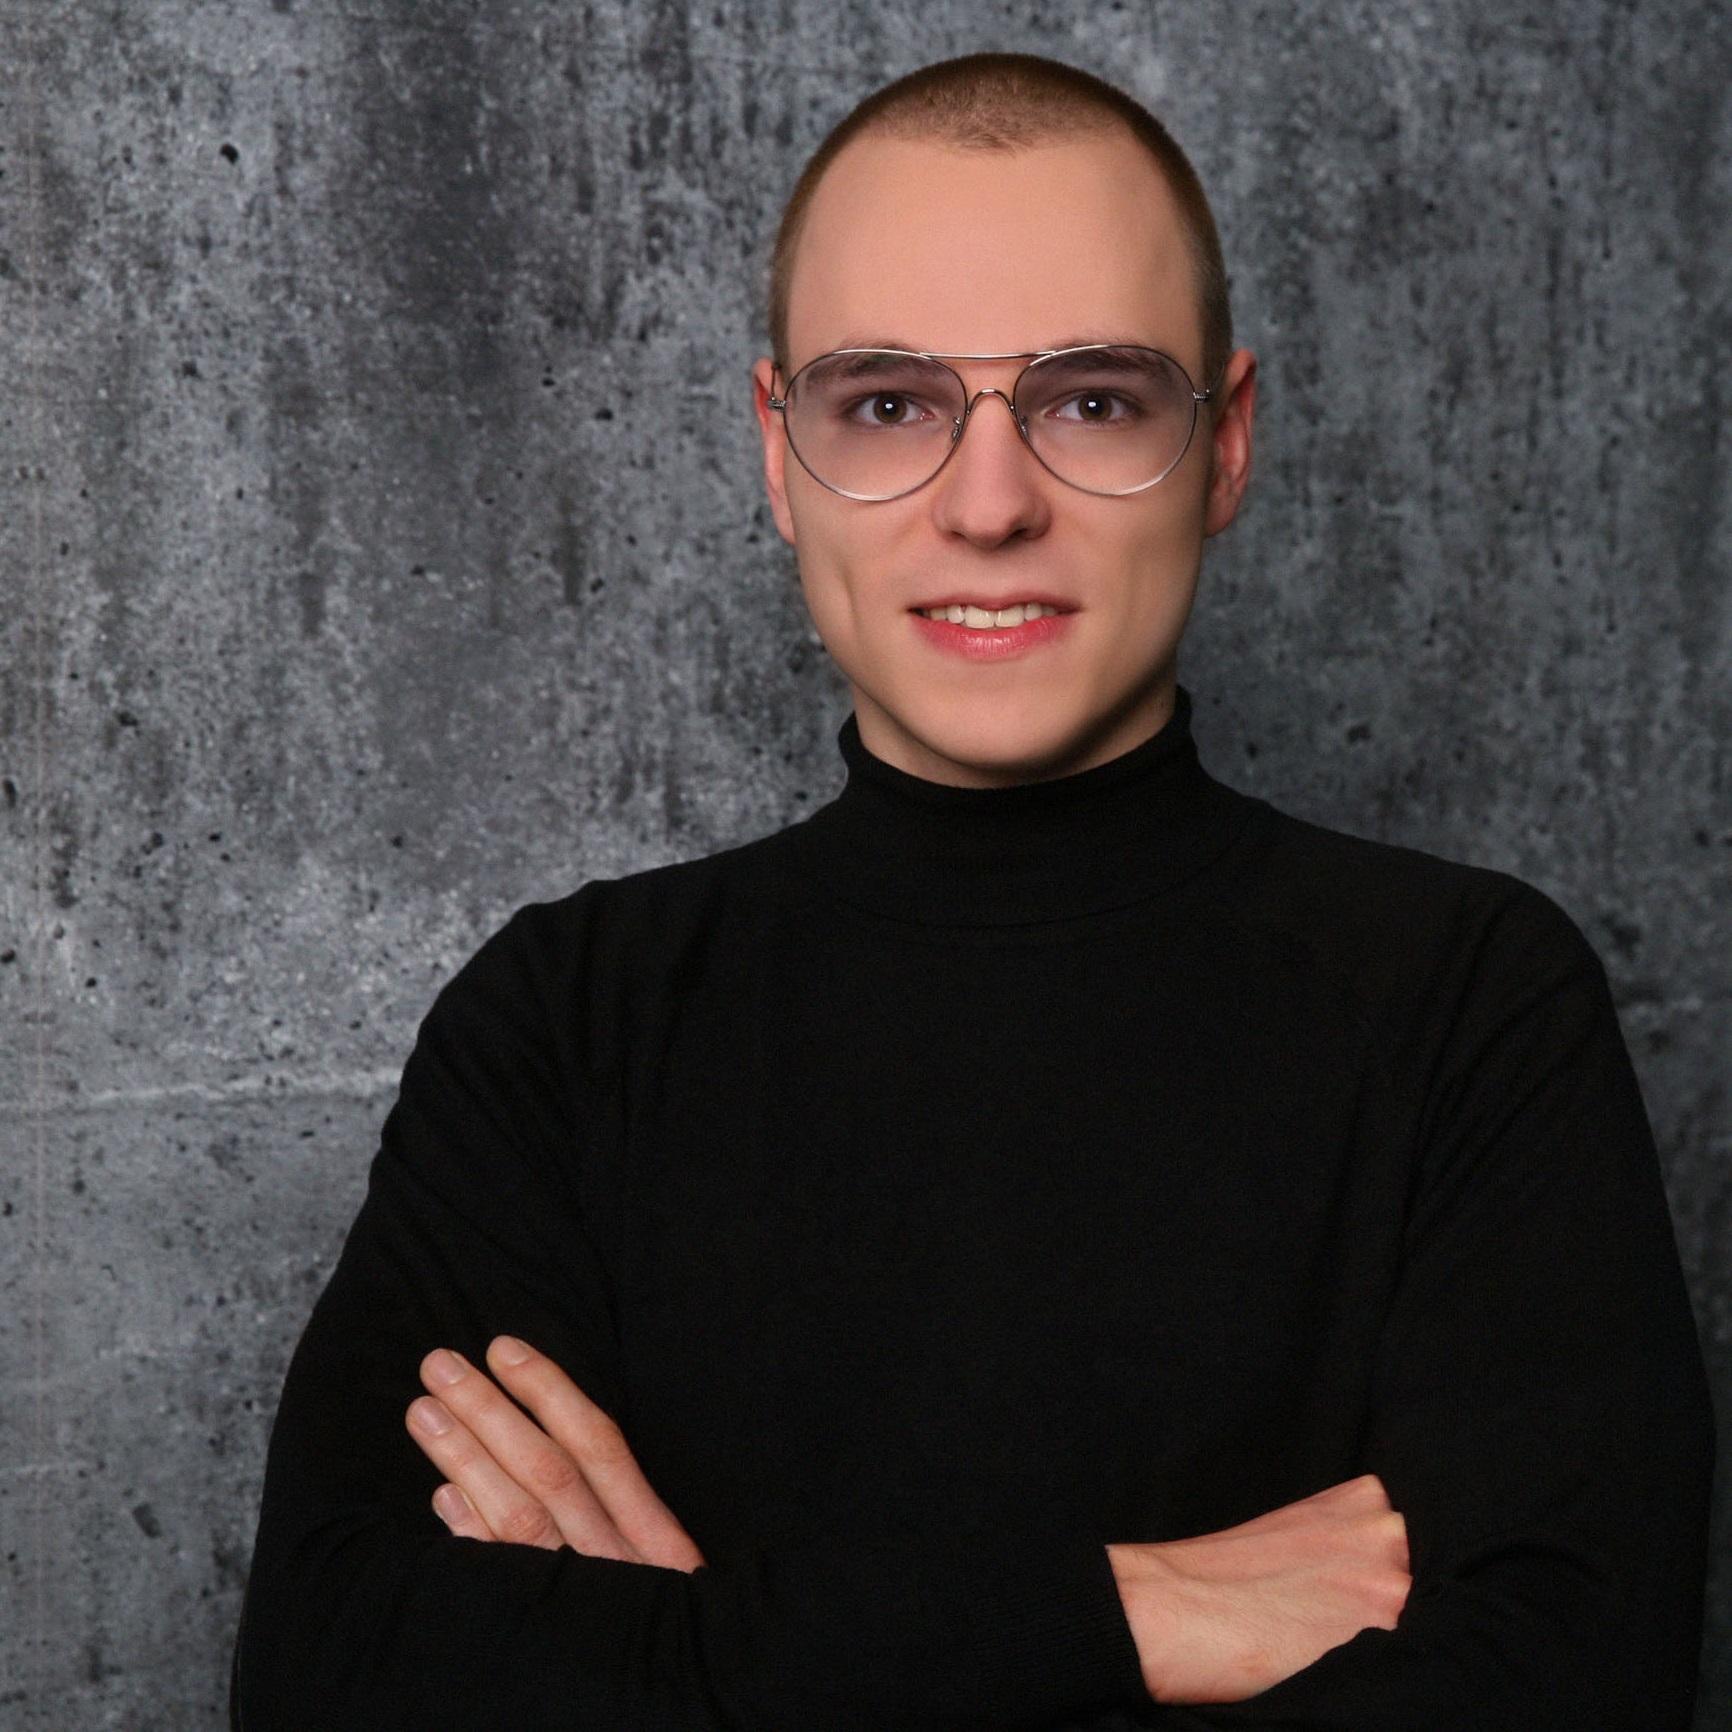 Elias Heinel